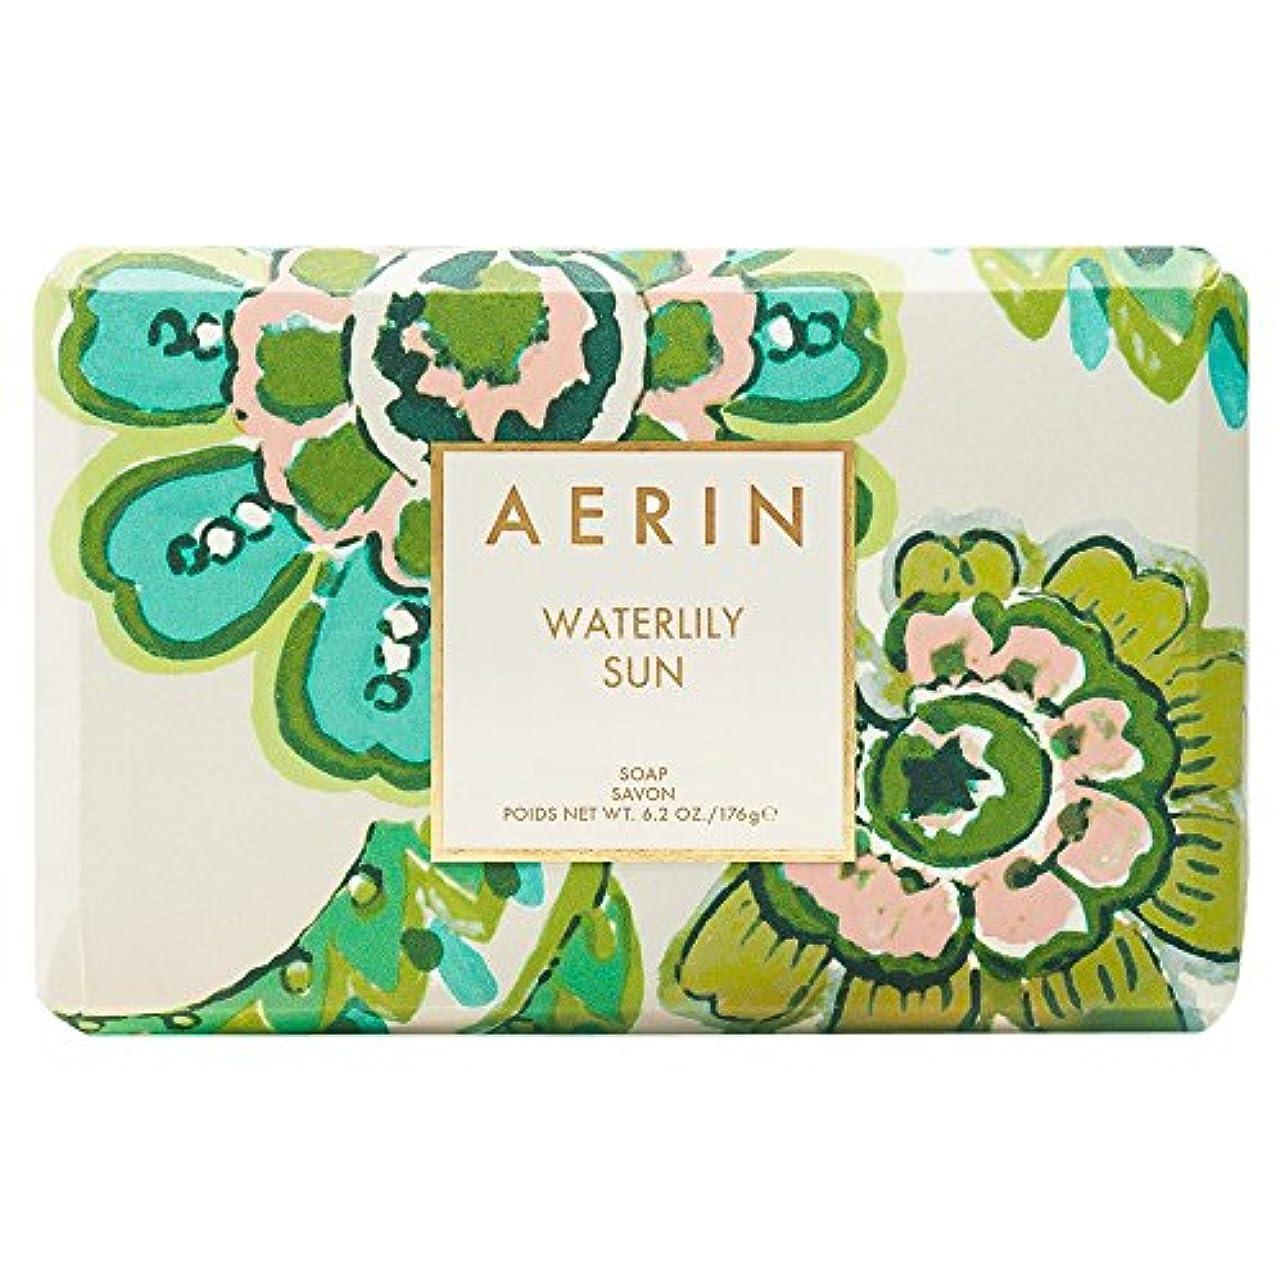 降伏投資設計図Aerinスイレン日石鹸176グラム (AERIN) (x6) - AERIN Waterlily Sun Soap 176g (Pack of 6) [並行輸入品]